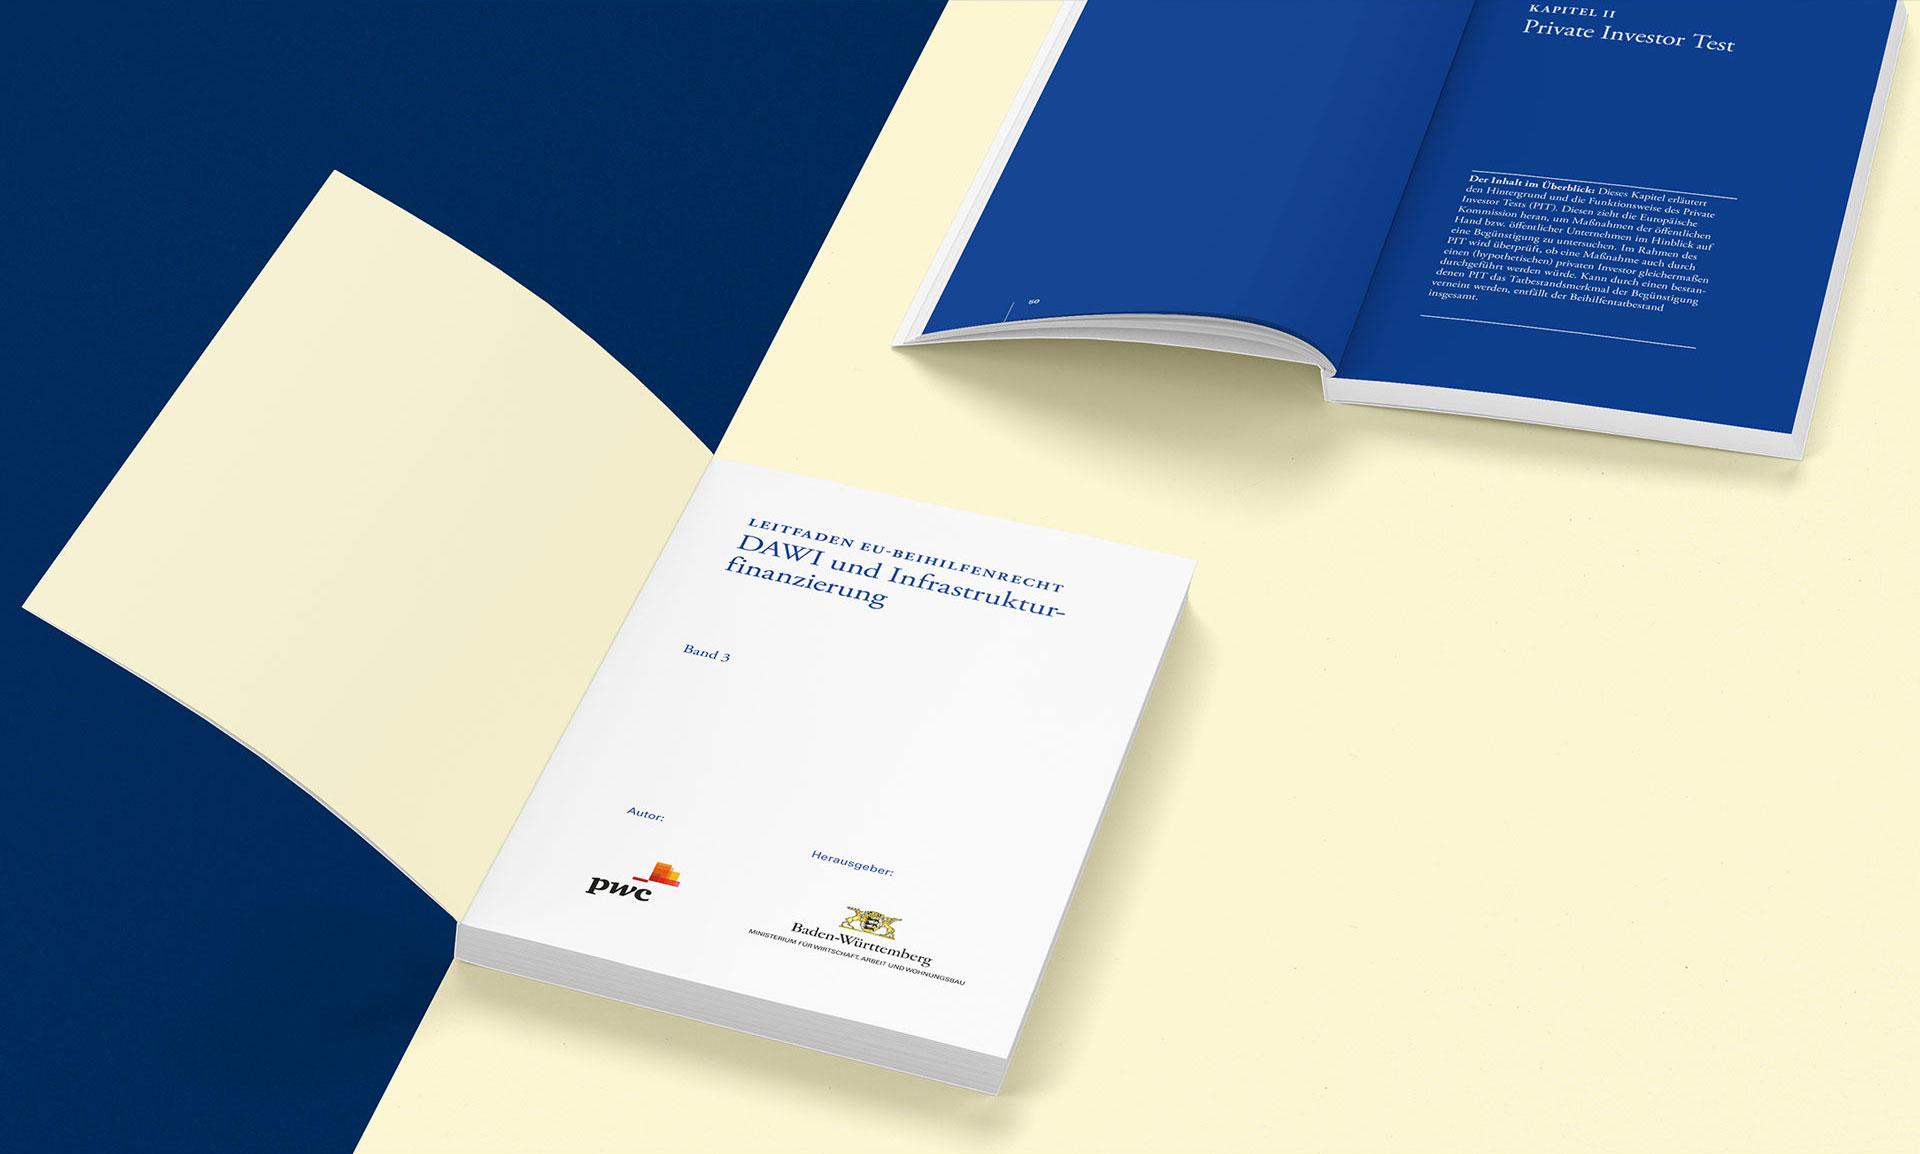 Projekt PricewaterhouseCoopers & Wirtschaftsministerium BW